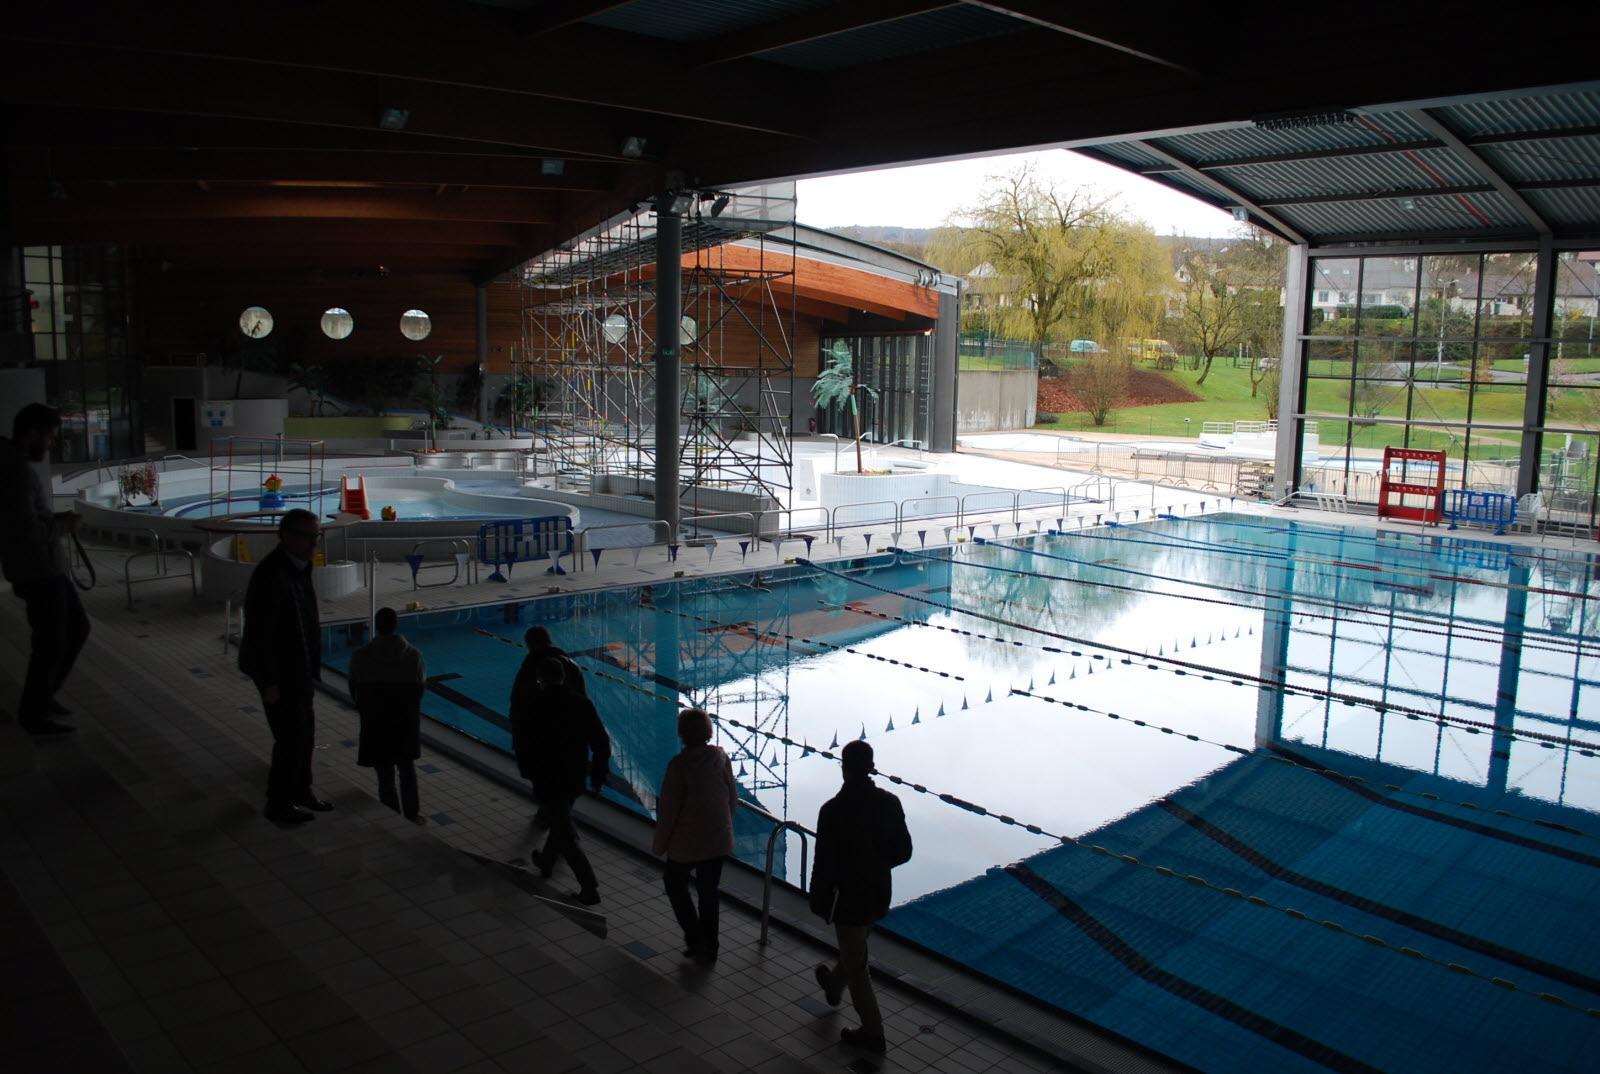 Lons-Le-Saunier | Lons-Le-Saunier: Le Centre Aqua'rel Rouvre ... avec Piscine Aquarel Lons